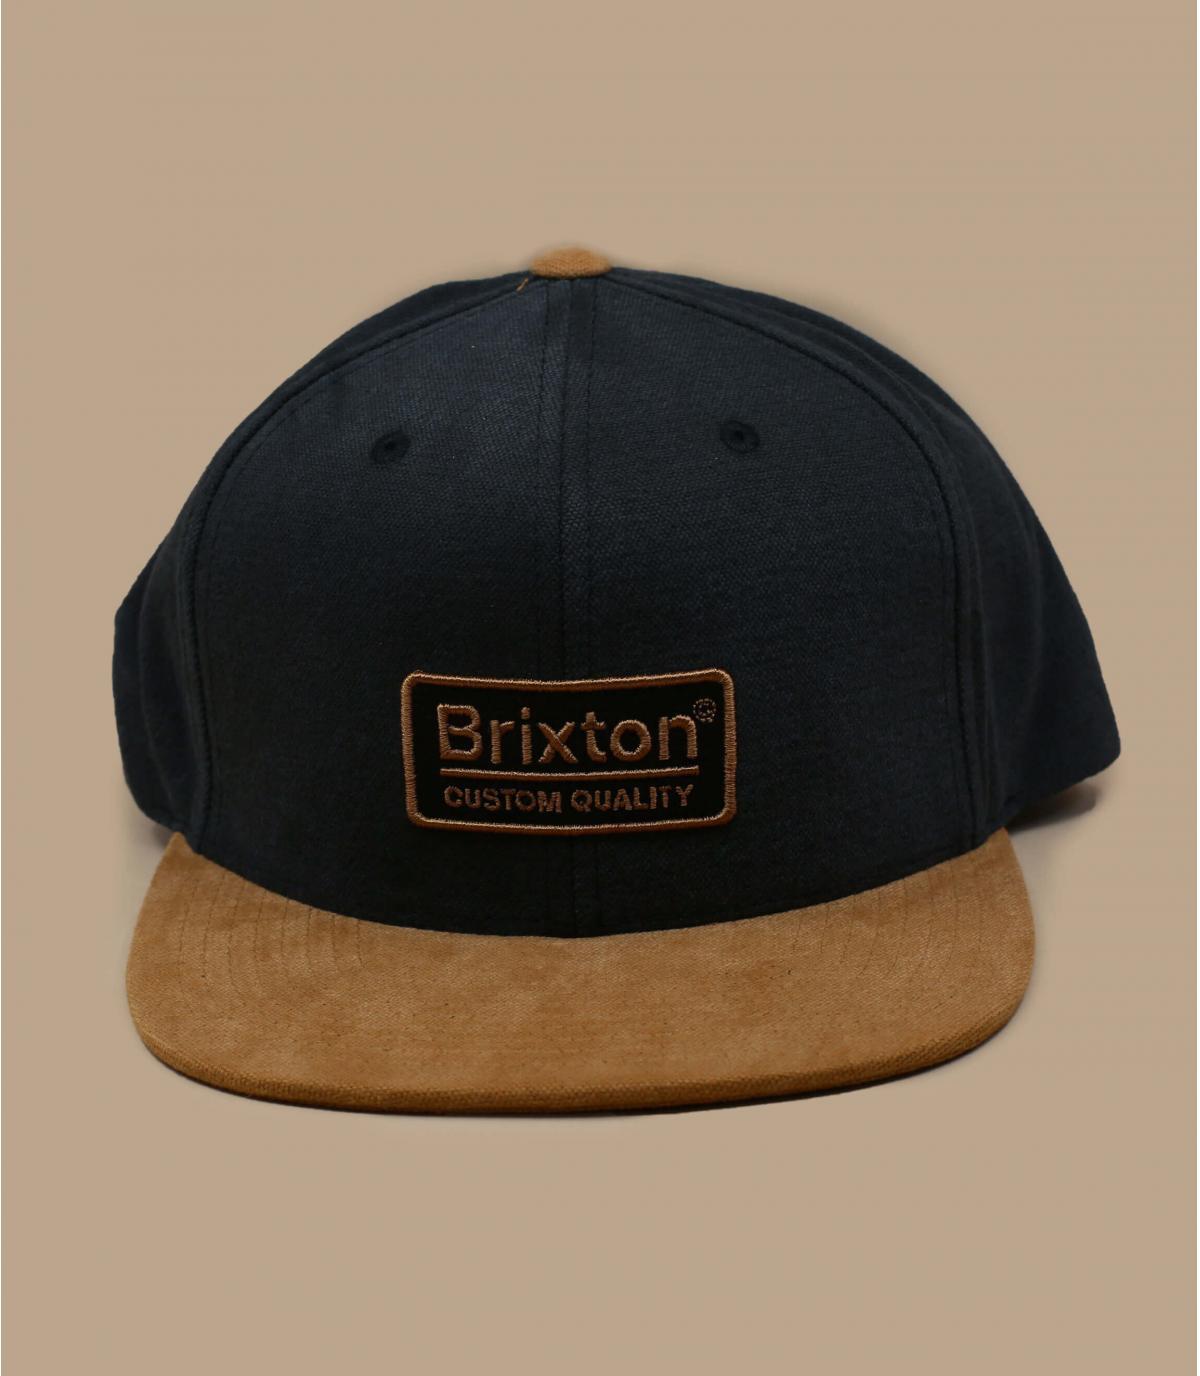 black suede Brixton snapback